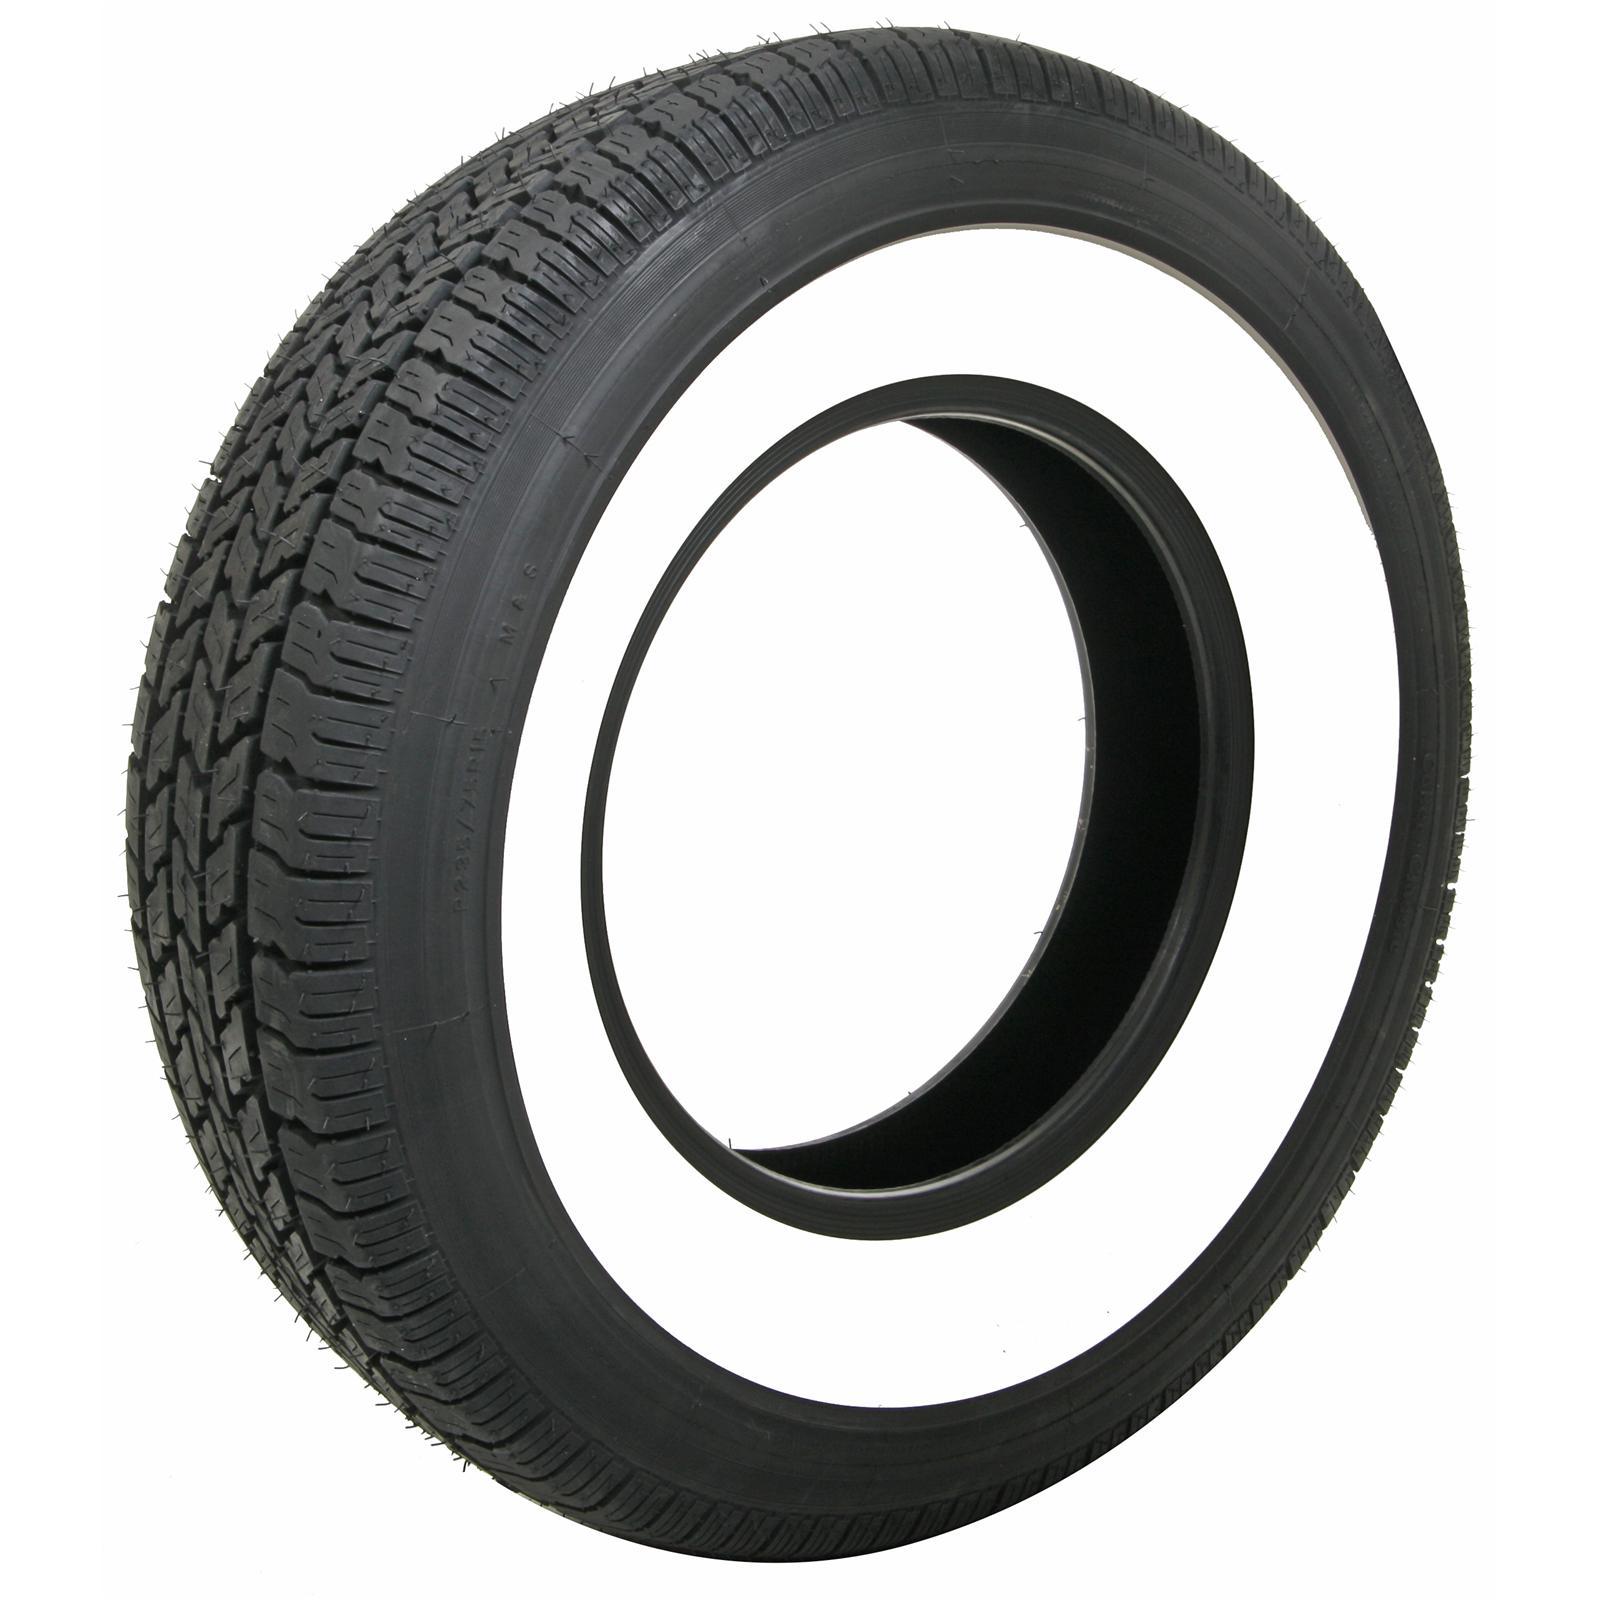 Coker Classic Nostalgia Radial Tires 629700 - Free ...